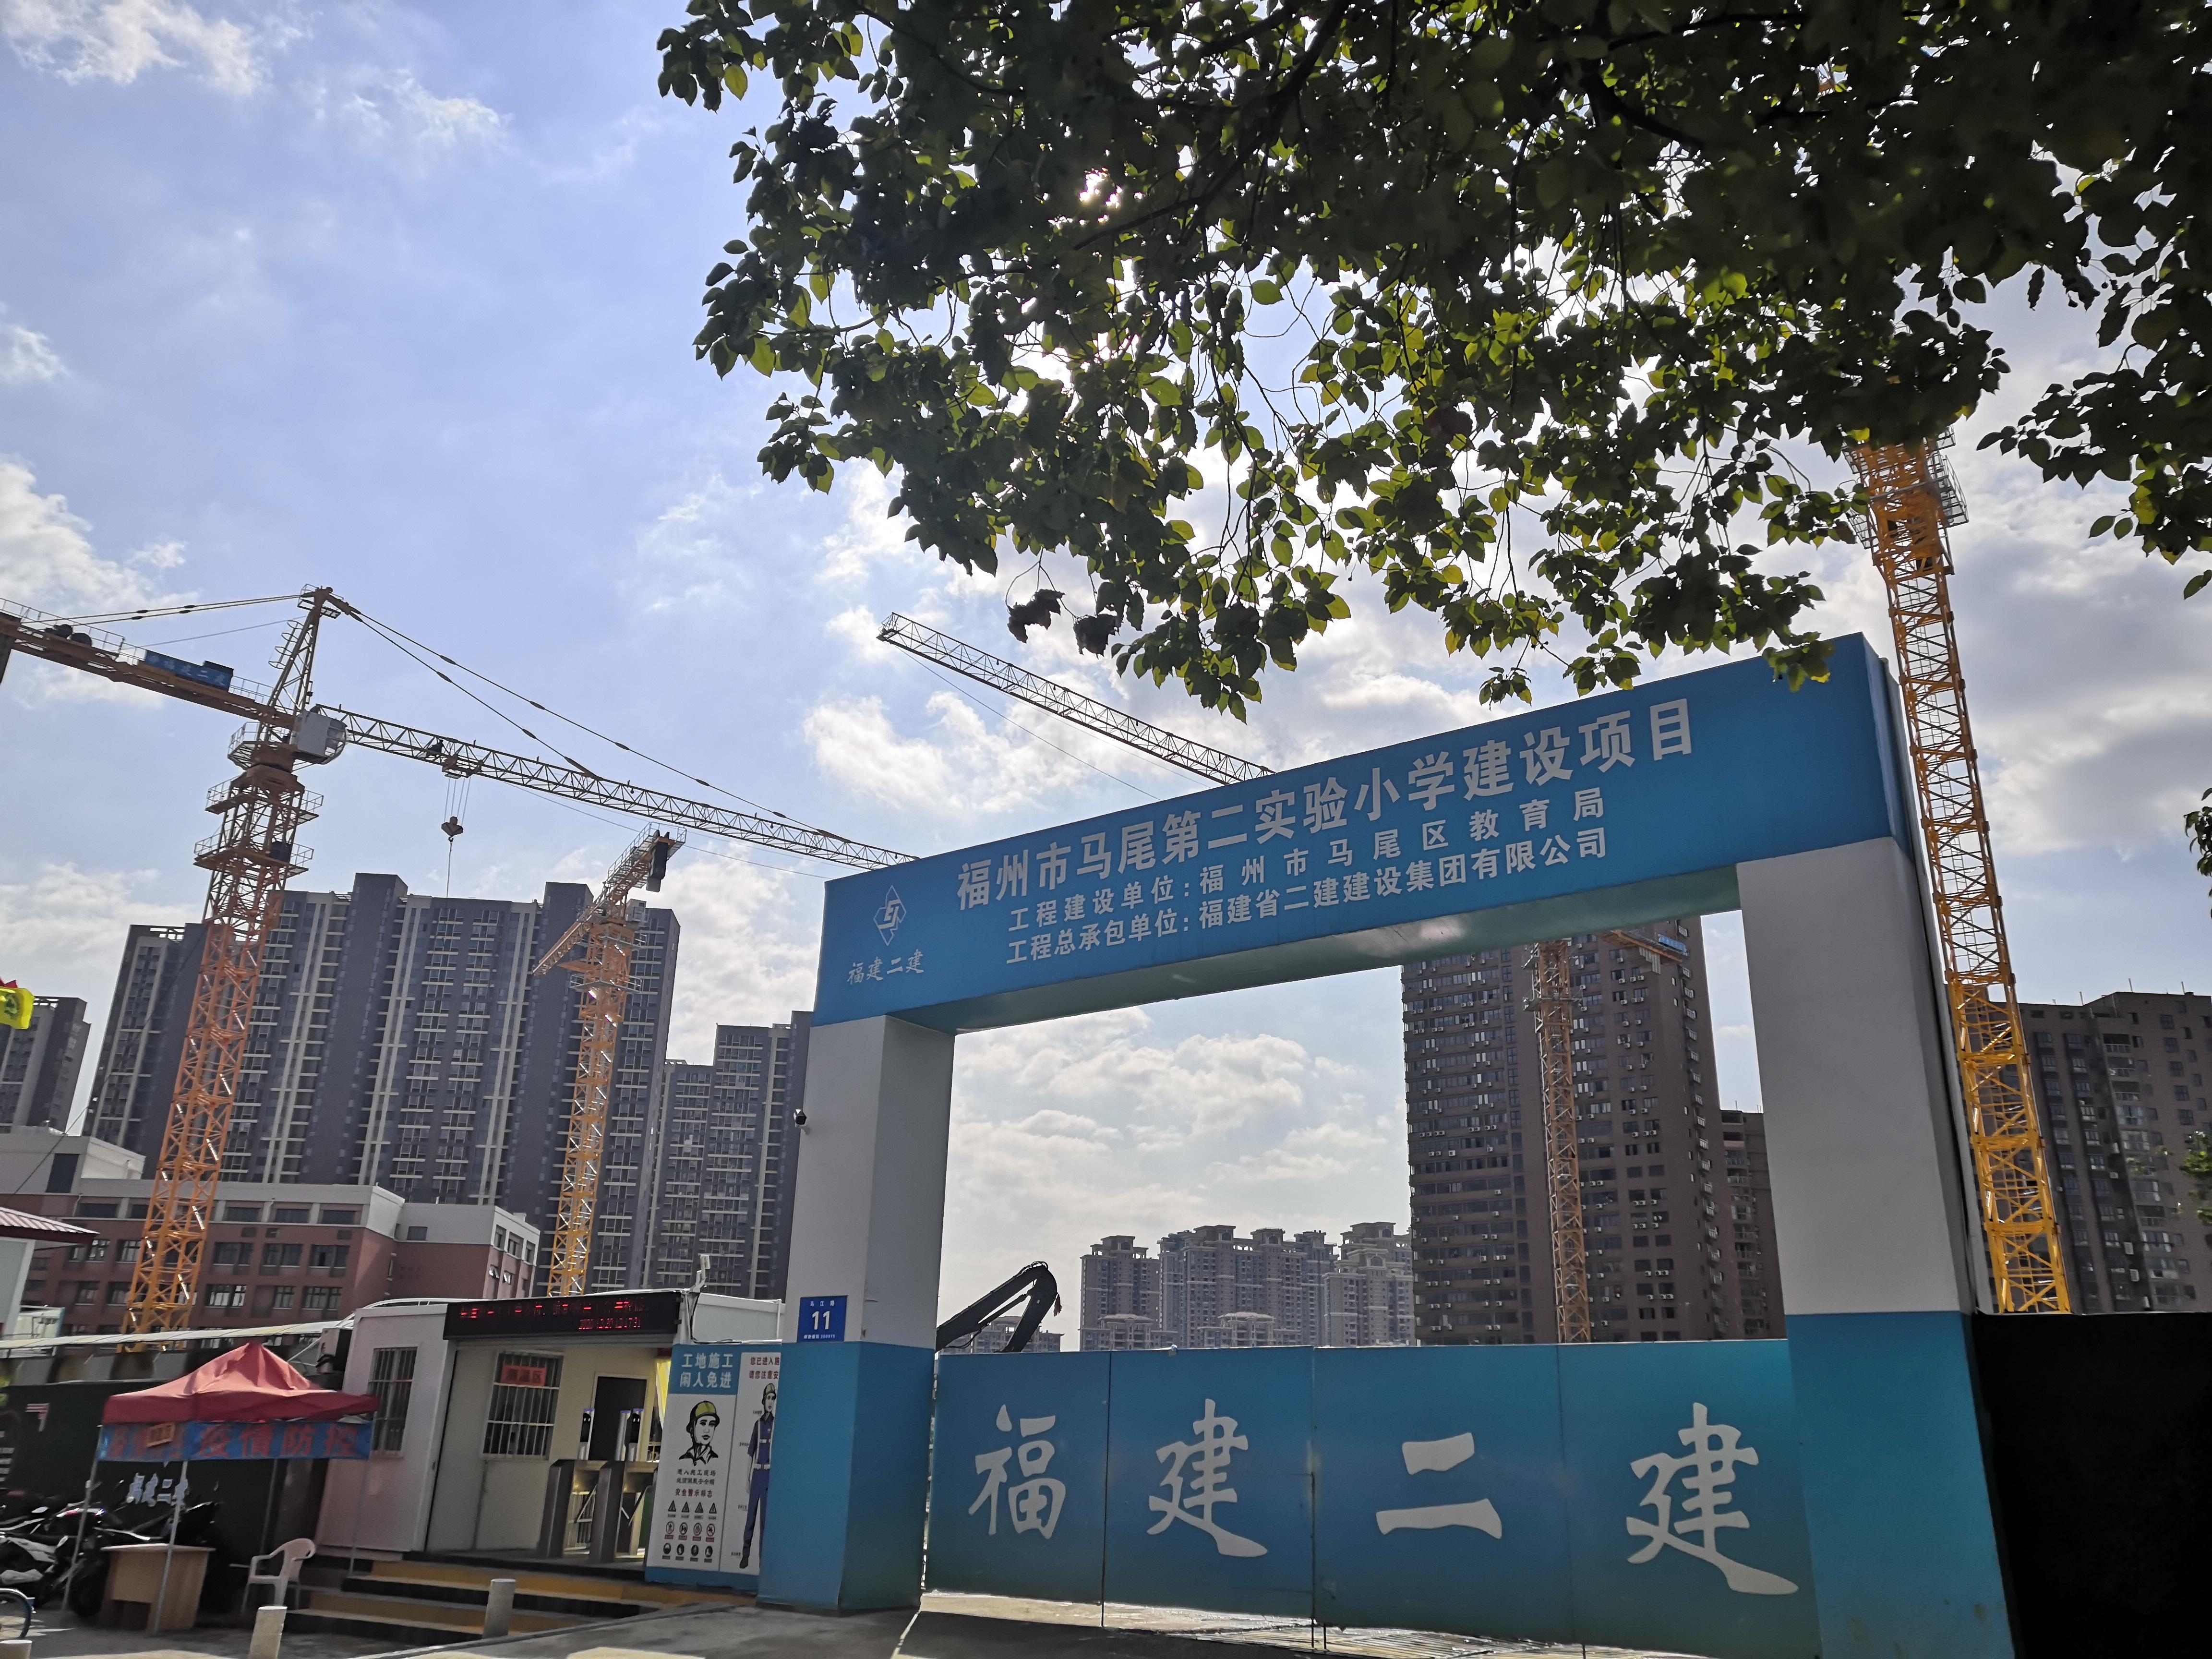 首付27万元,东江滨地铁口小户型值得买吗?